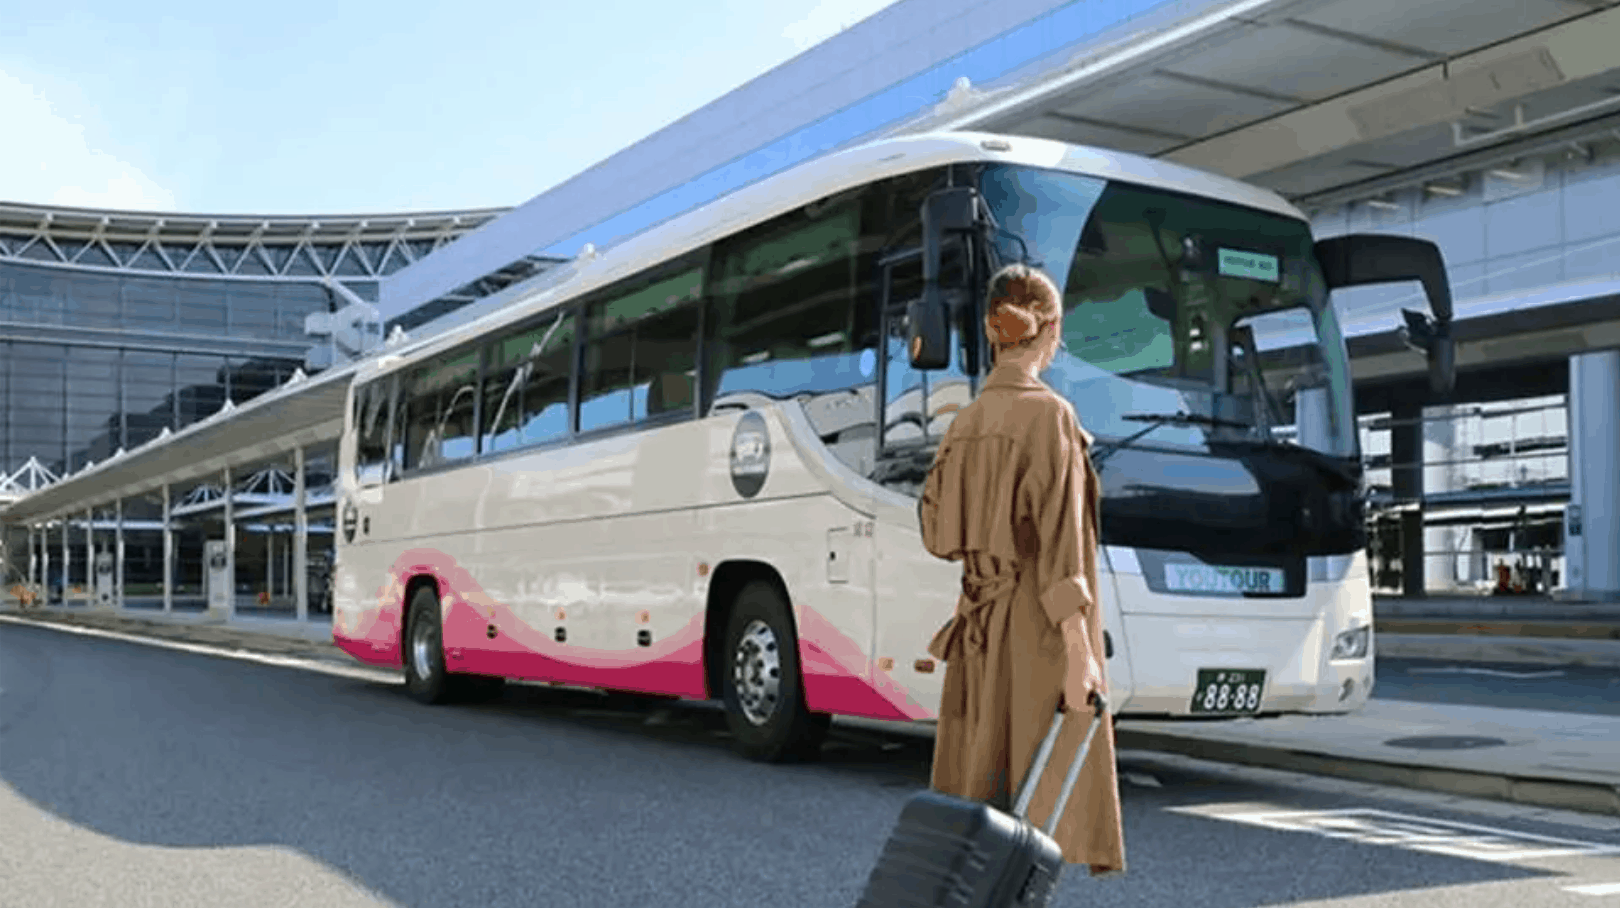 關西機場到大阪:YOUTOURBUS-關西機場民營巴士-道頓堀